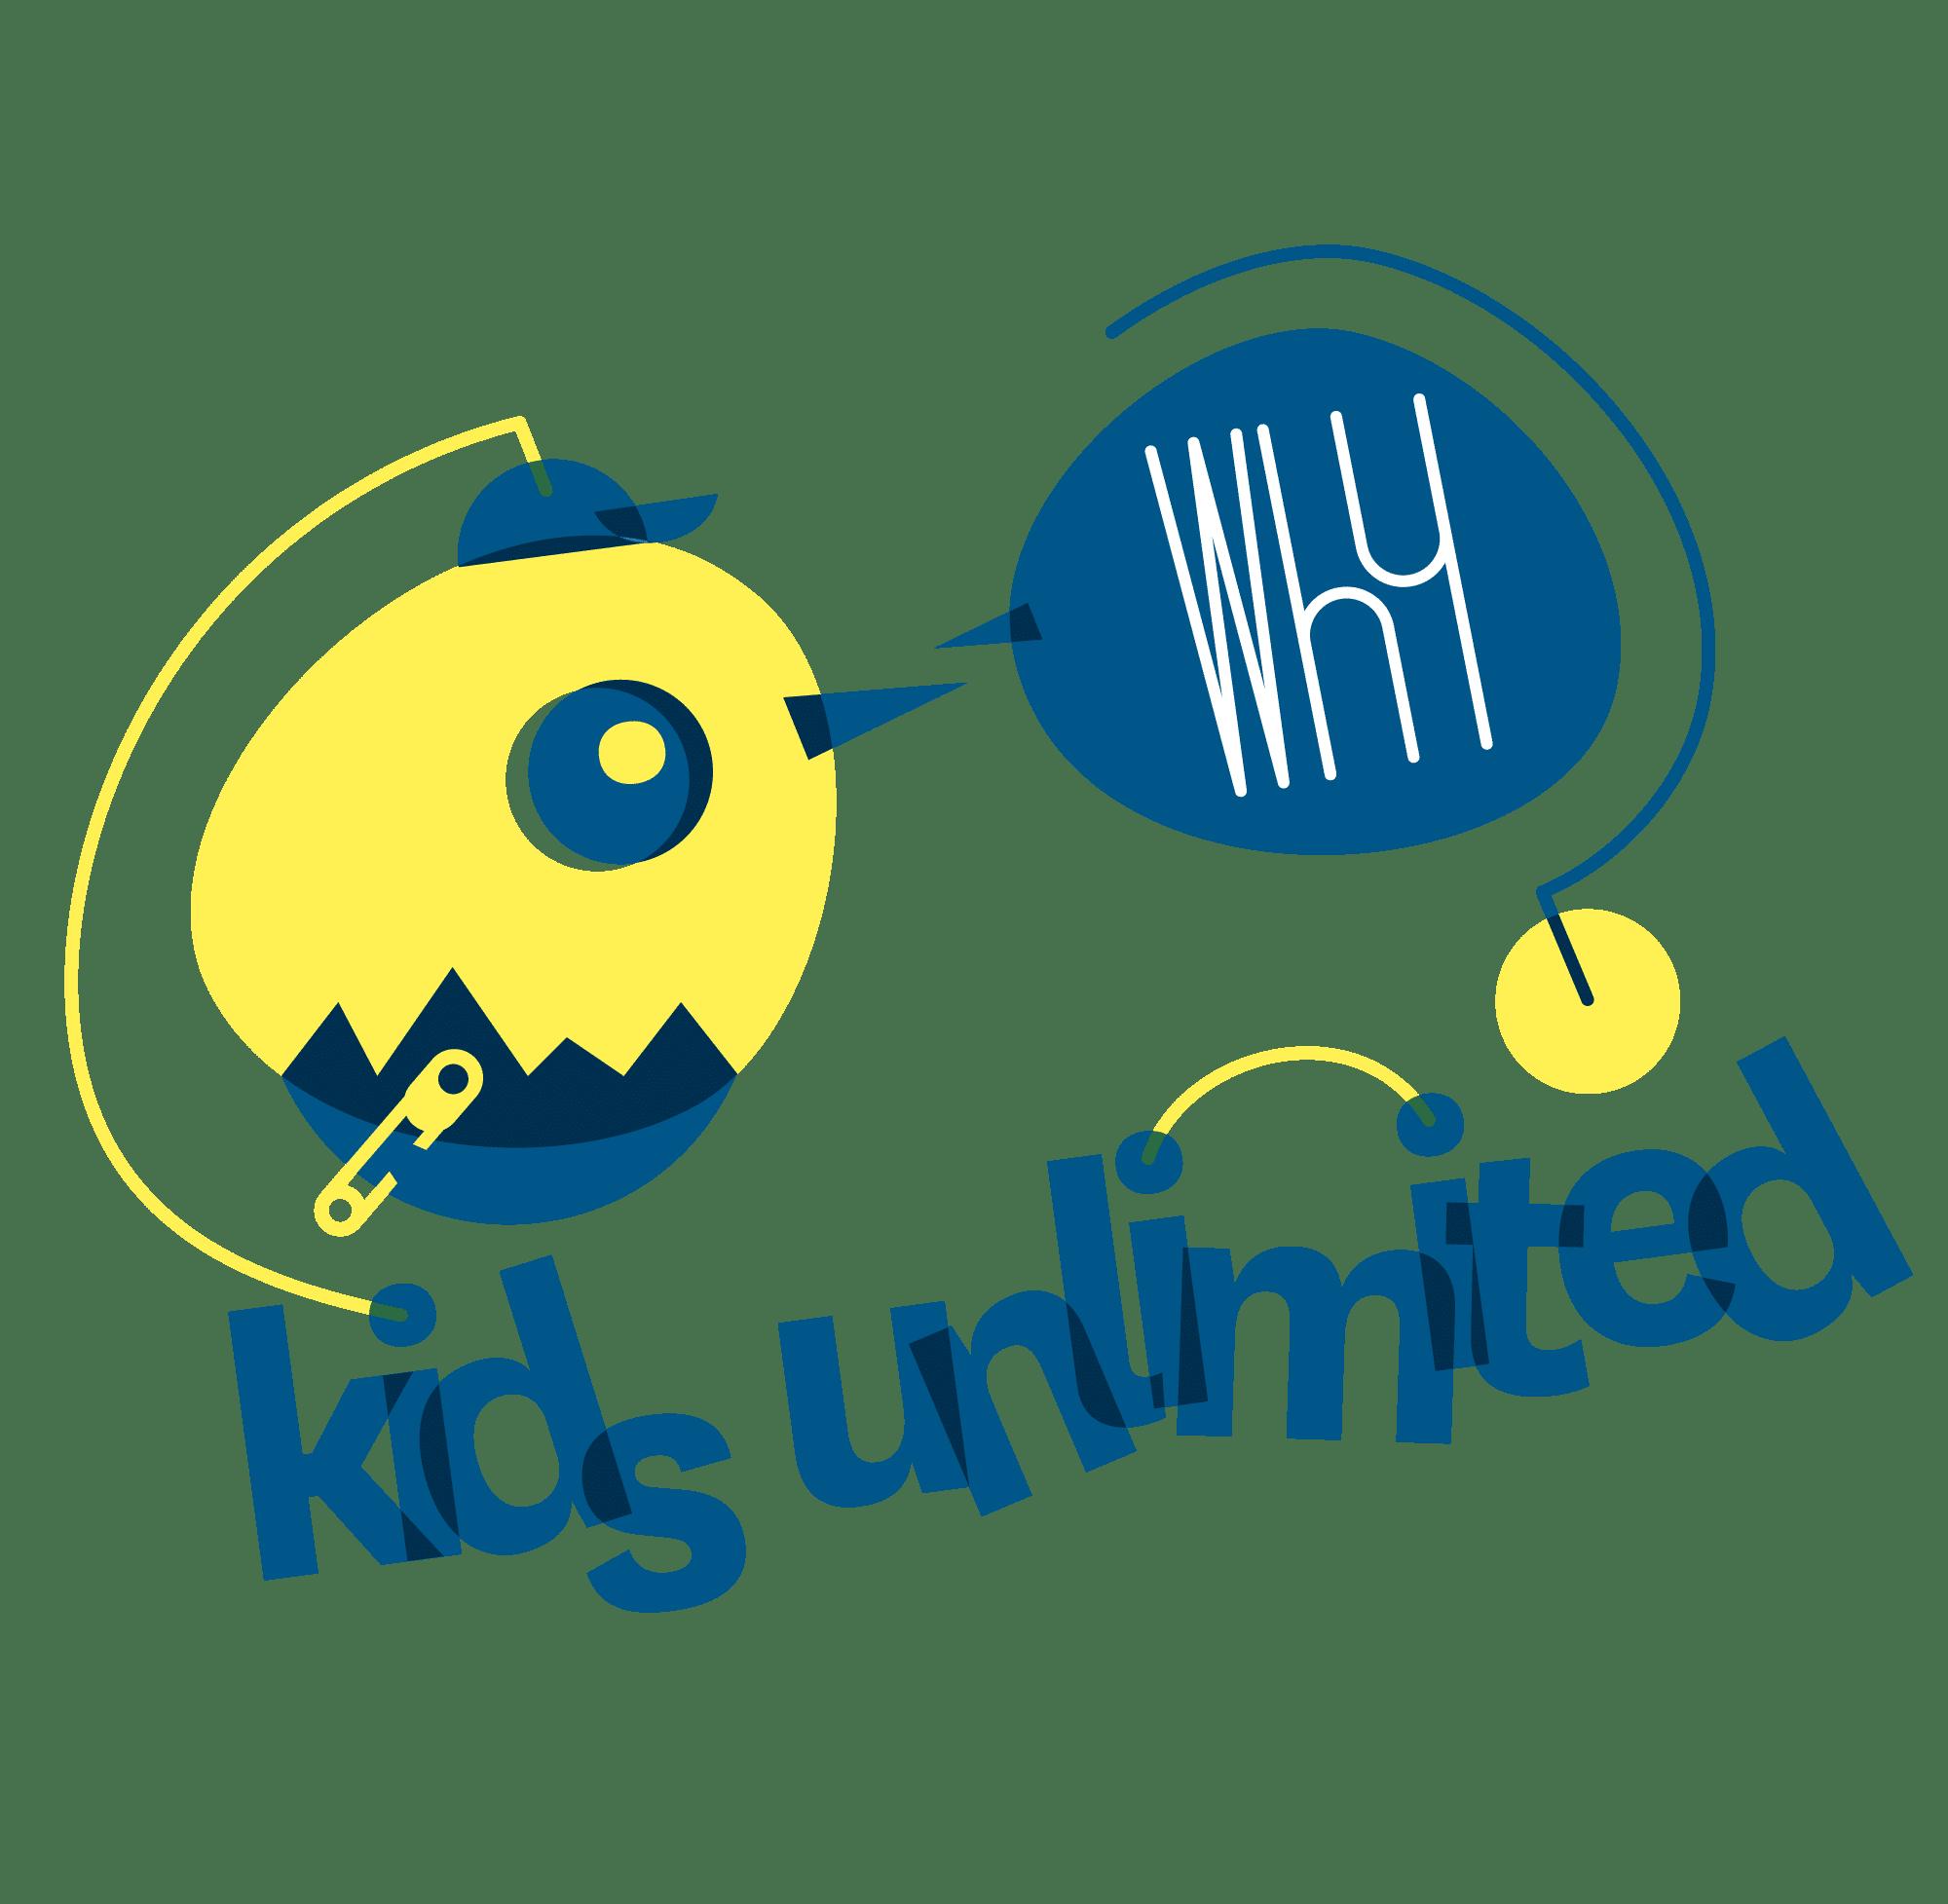 Logo complet de la crèche Kids unlimited